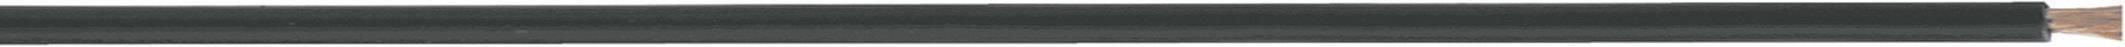 Merací vodič LappKabel 4560013S LiFY, 1 x 0.75 mm², vonkajší Ø 2.50 mm, metrový tovar, čierna